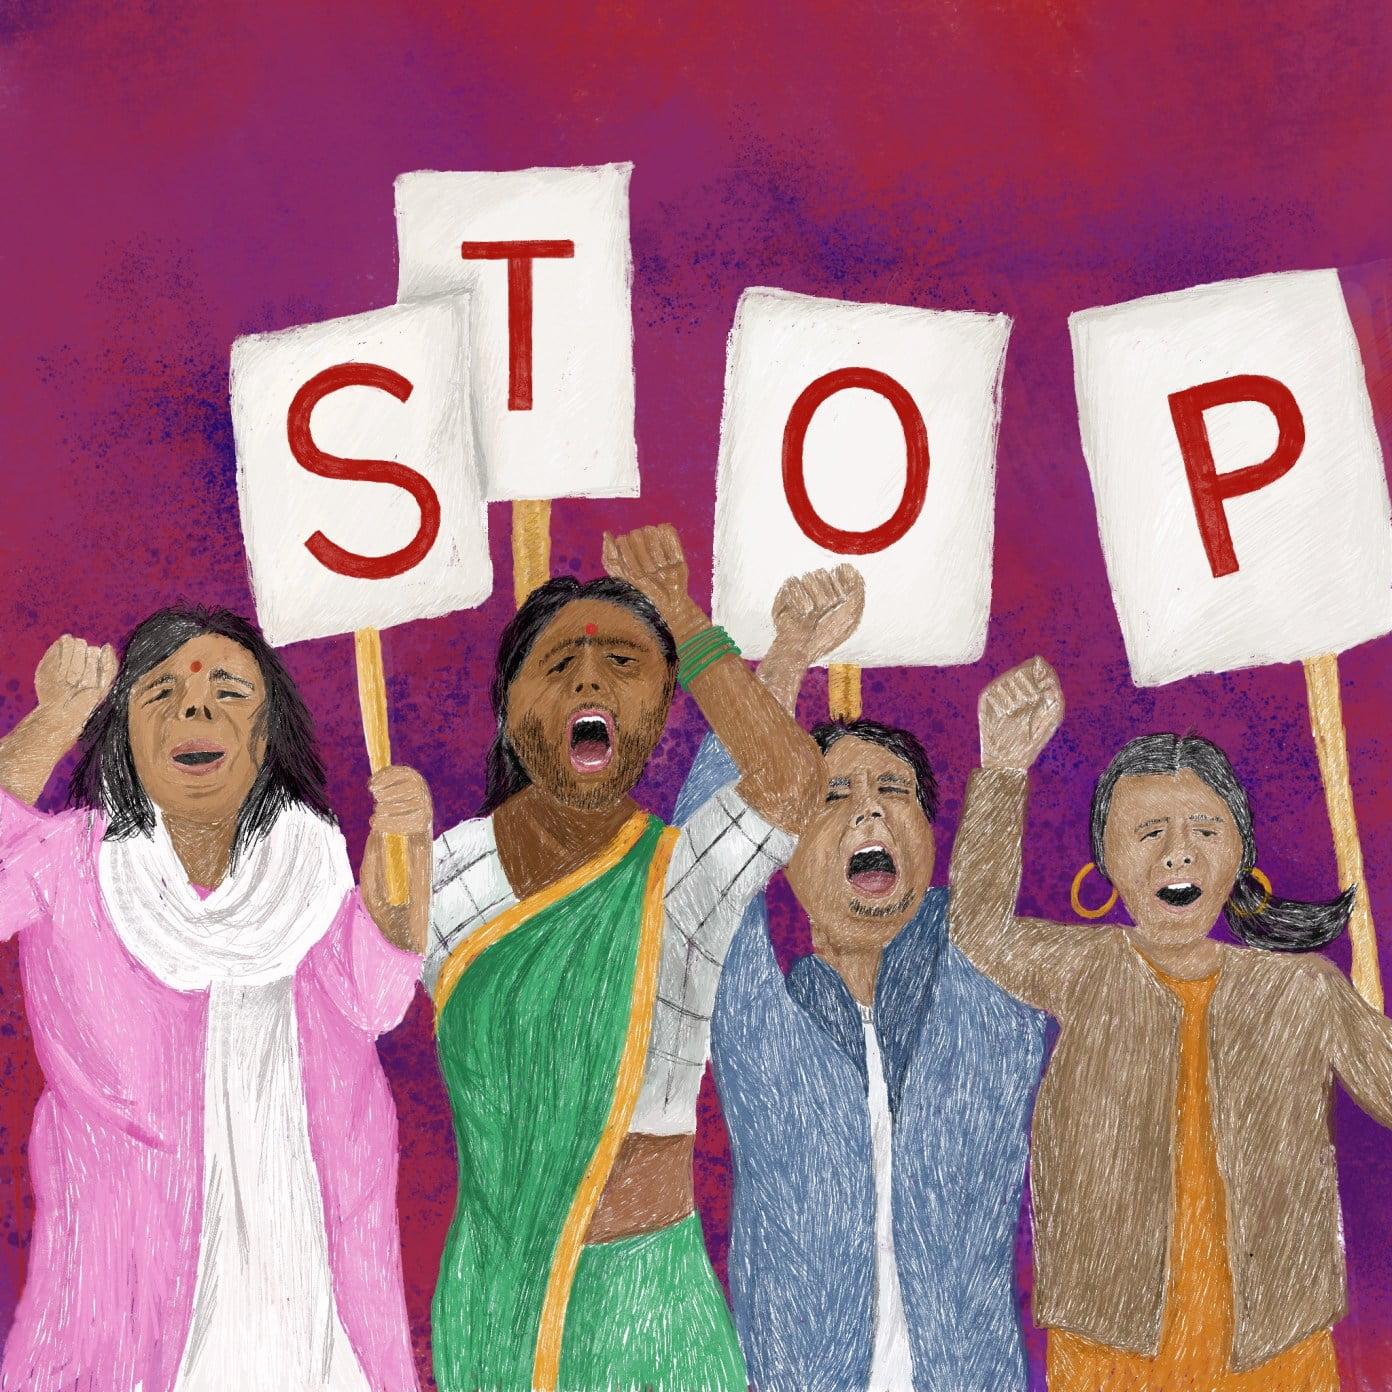 ब्राह्मणवादी पितृसत्ता और जातिवाद है दलित महिलाओं के खिलाफ बढ़ती हिंसा की वजह